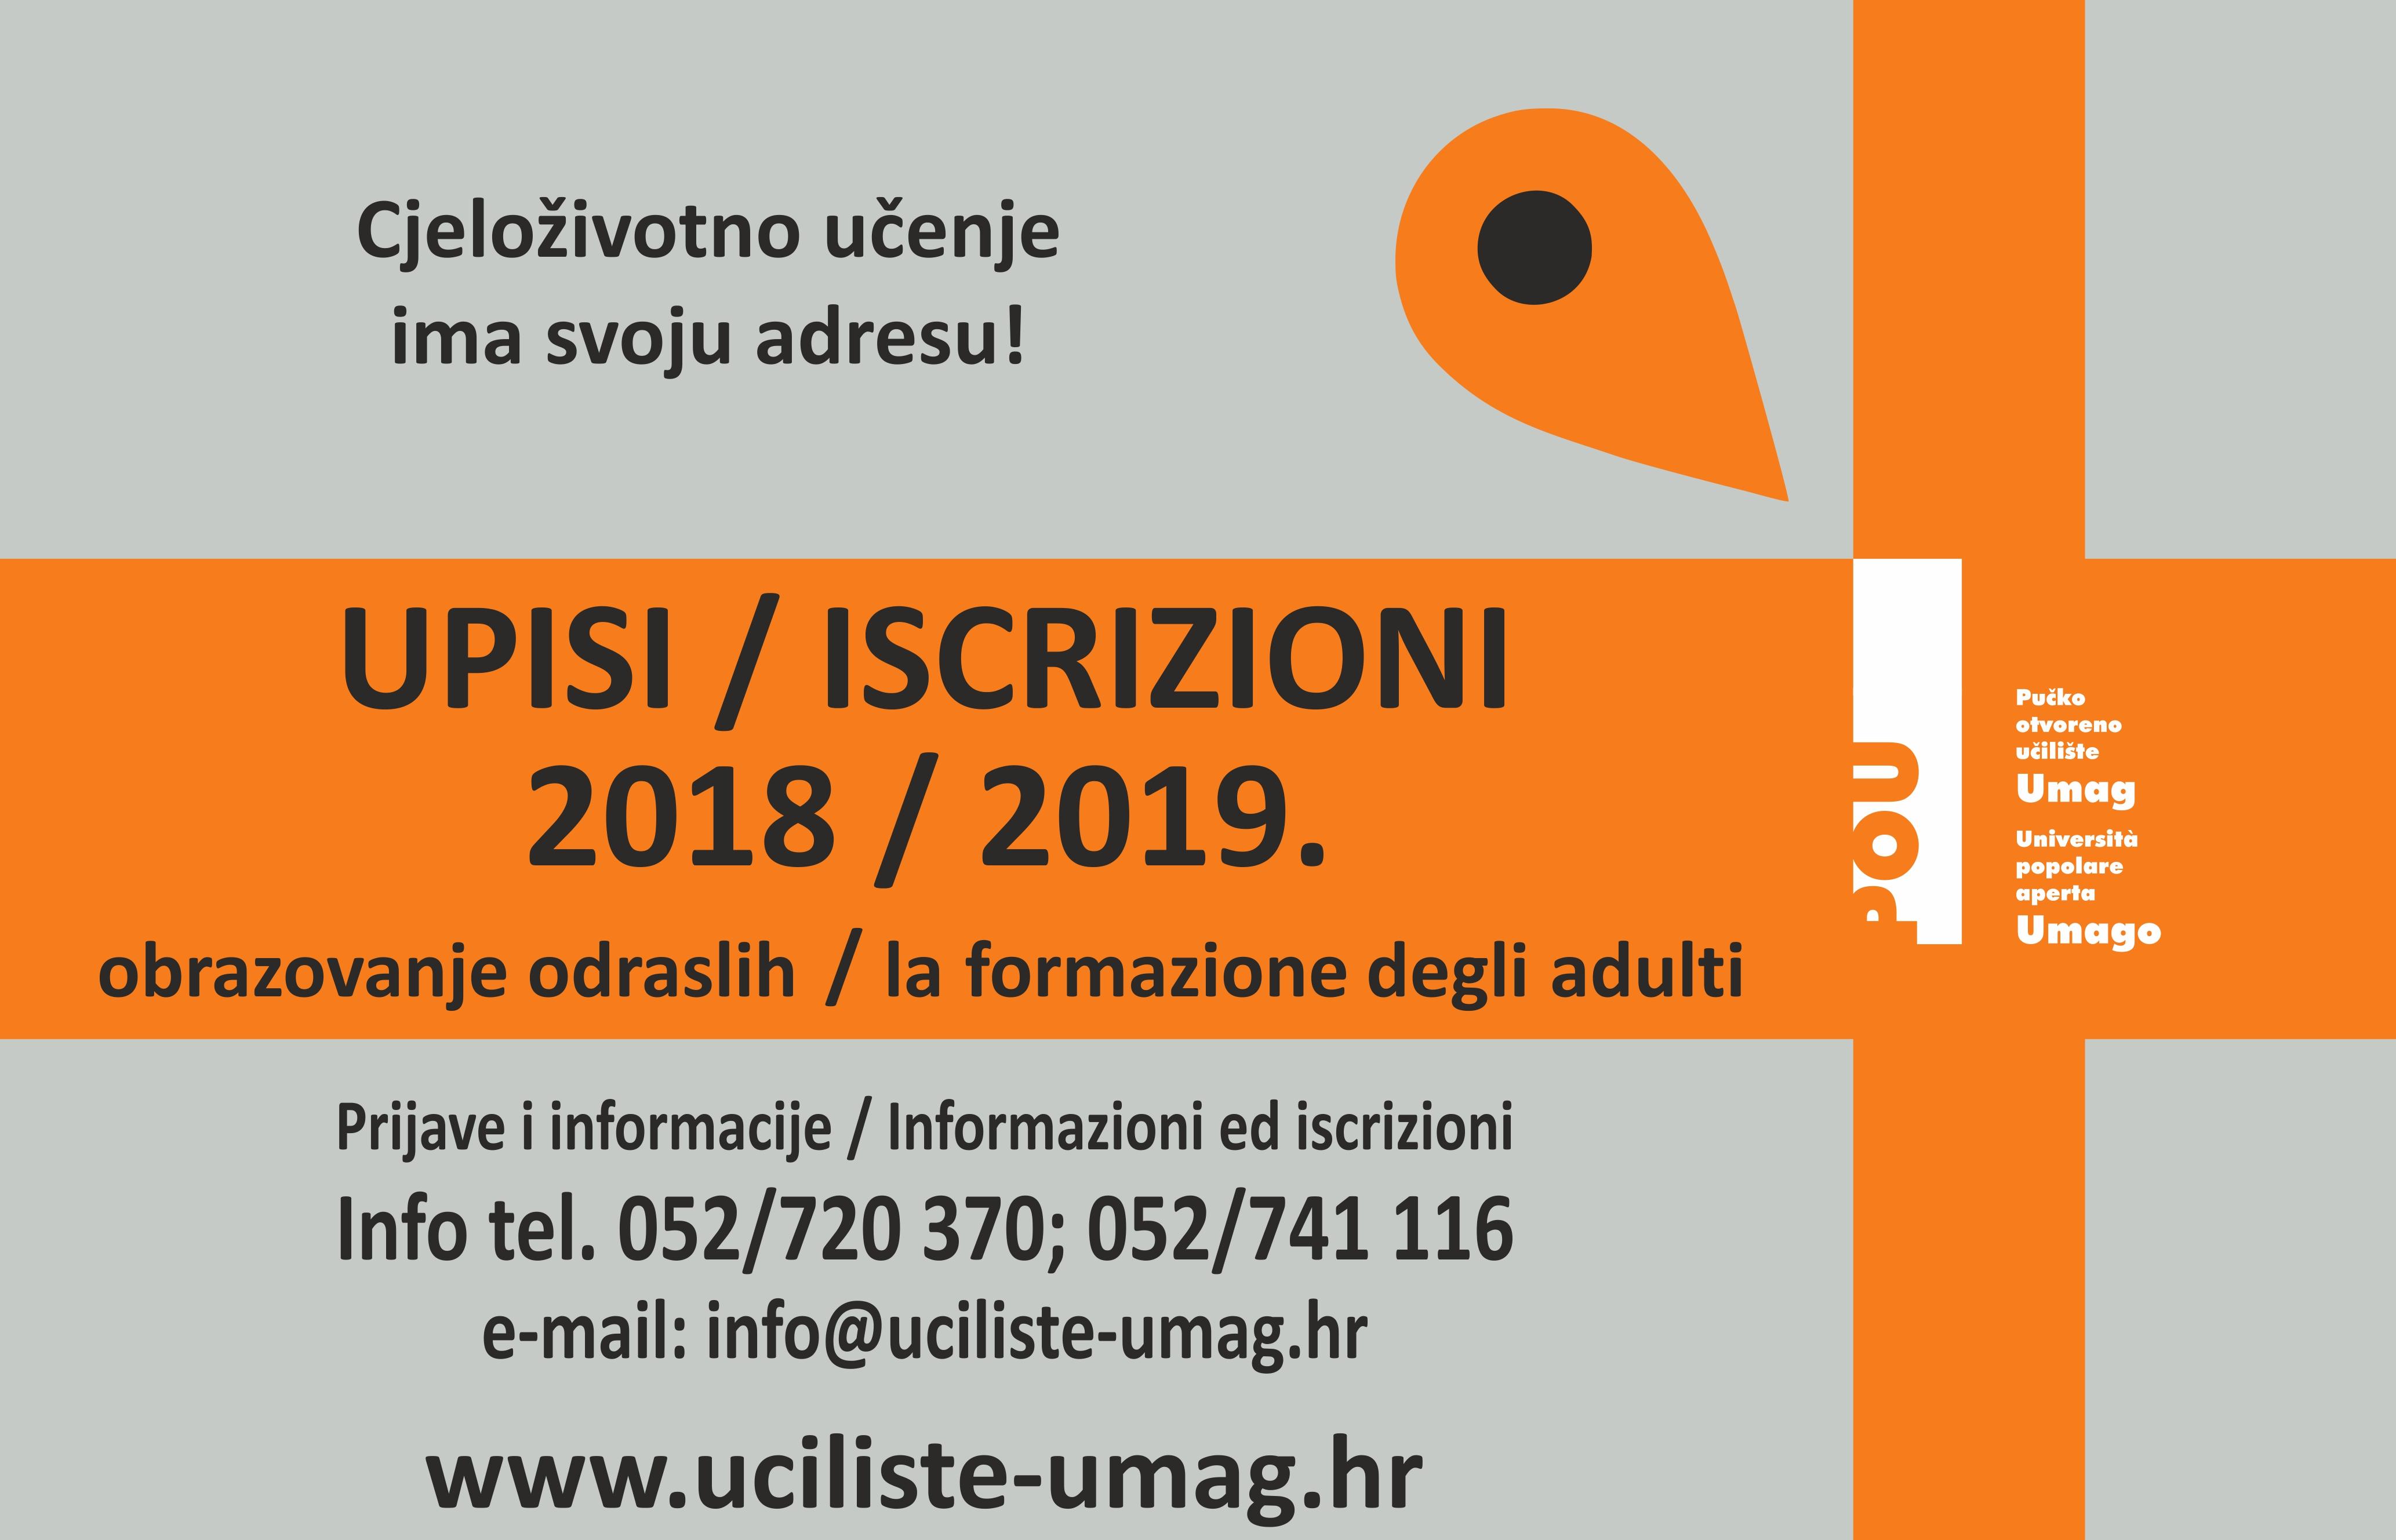 UPISI / ISCRIZIONI šk.g. 2018/2019 - OTVORENE PRIJAVE NA SVE PROGRAME!